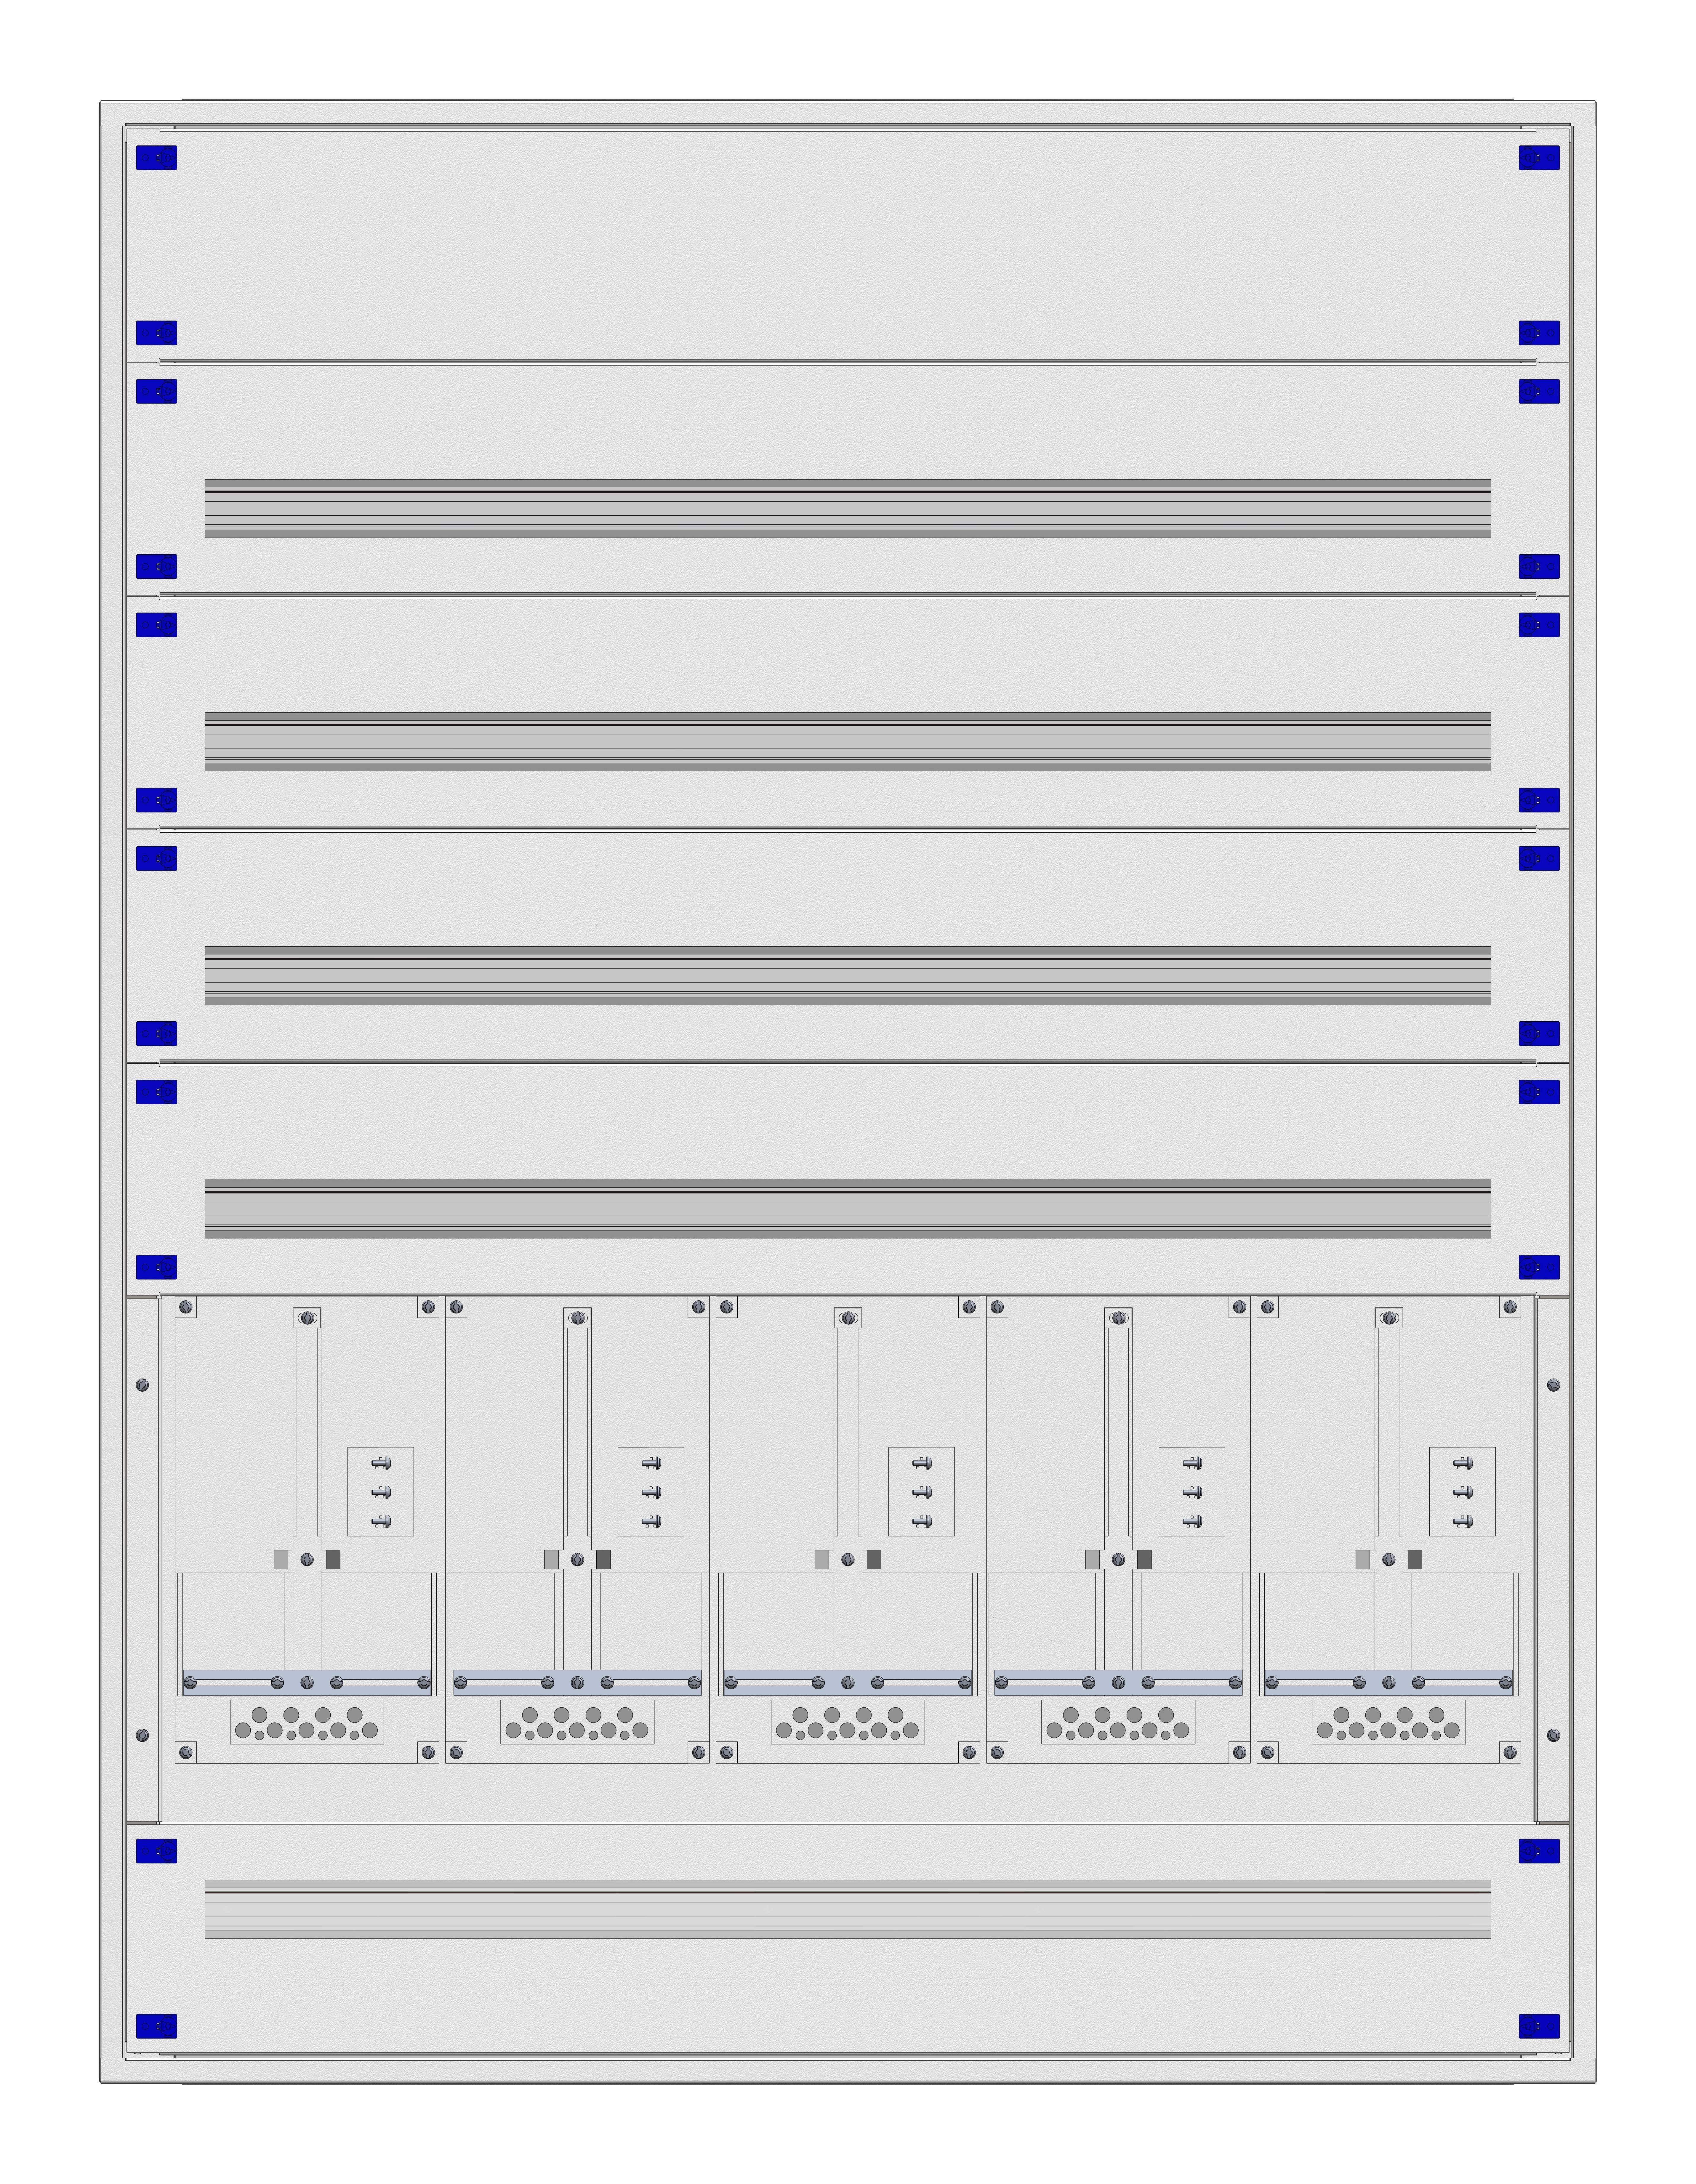 1 Stk ZV Einsatz 5-33E kompl. 5 Zählerpl. Frontbl. Stahlbl. VLBG IL415533--